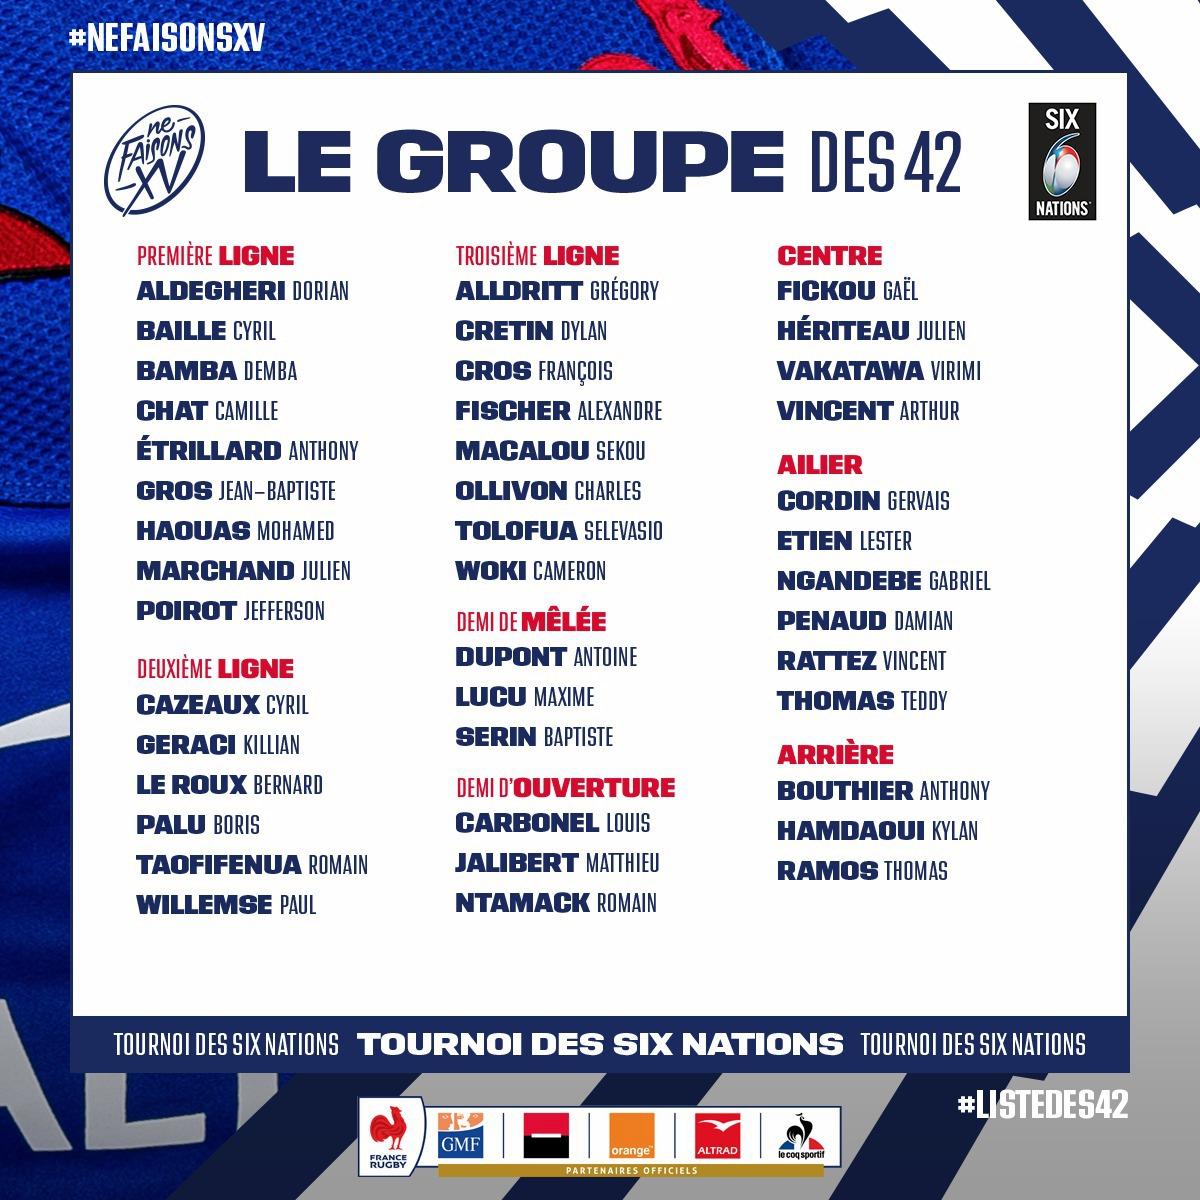 Rugby - XV de France - Pro D2, complémentarité, premières sélections : les chiffres insolites de la liste de Galthié